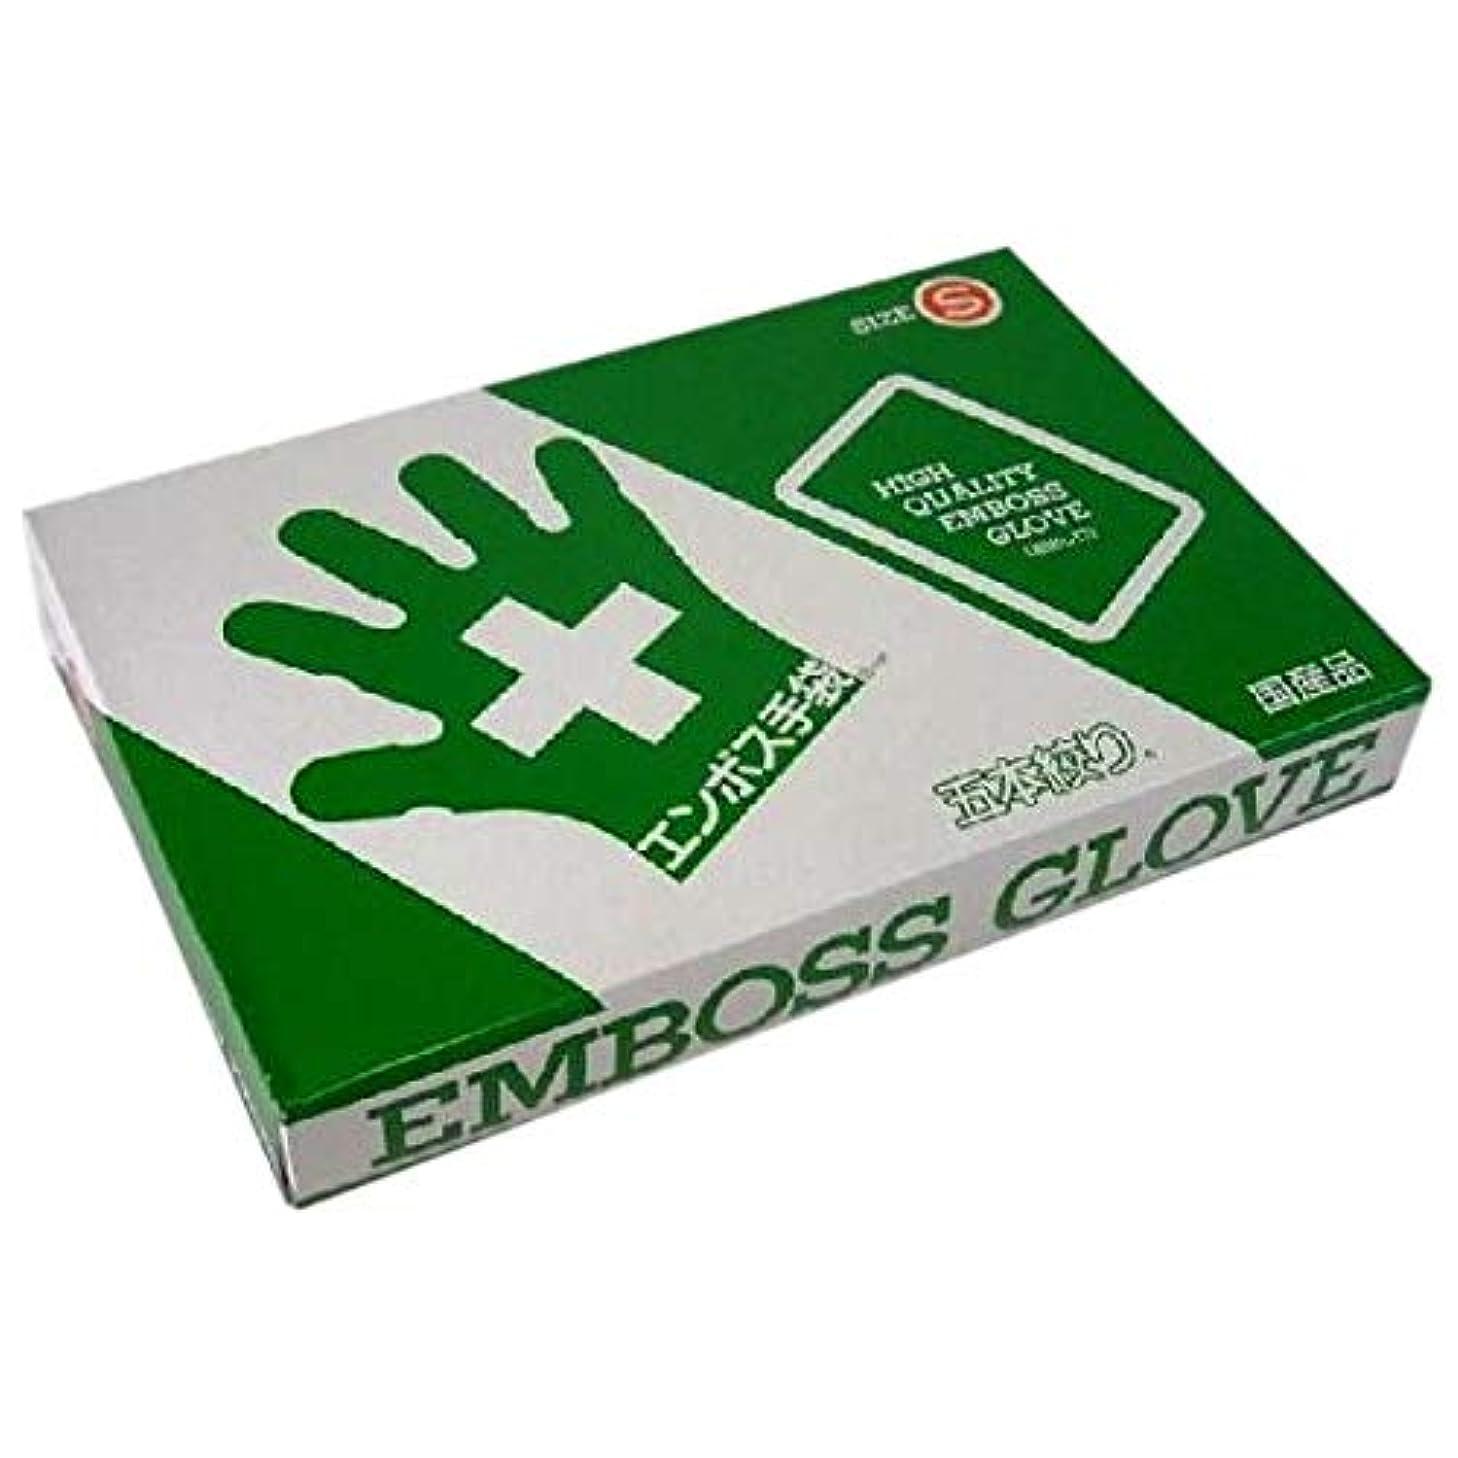 コンクリート解読するスープエンボス手袋 5本絞り(使い捨て手袋国産品) 東京パック S 200枚入